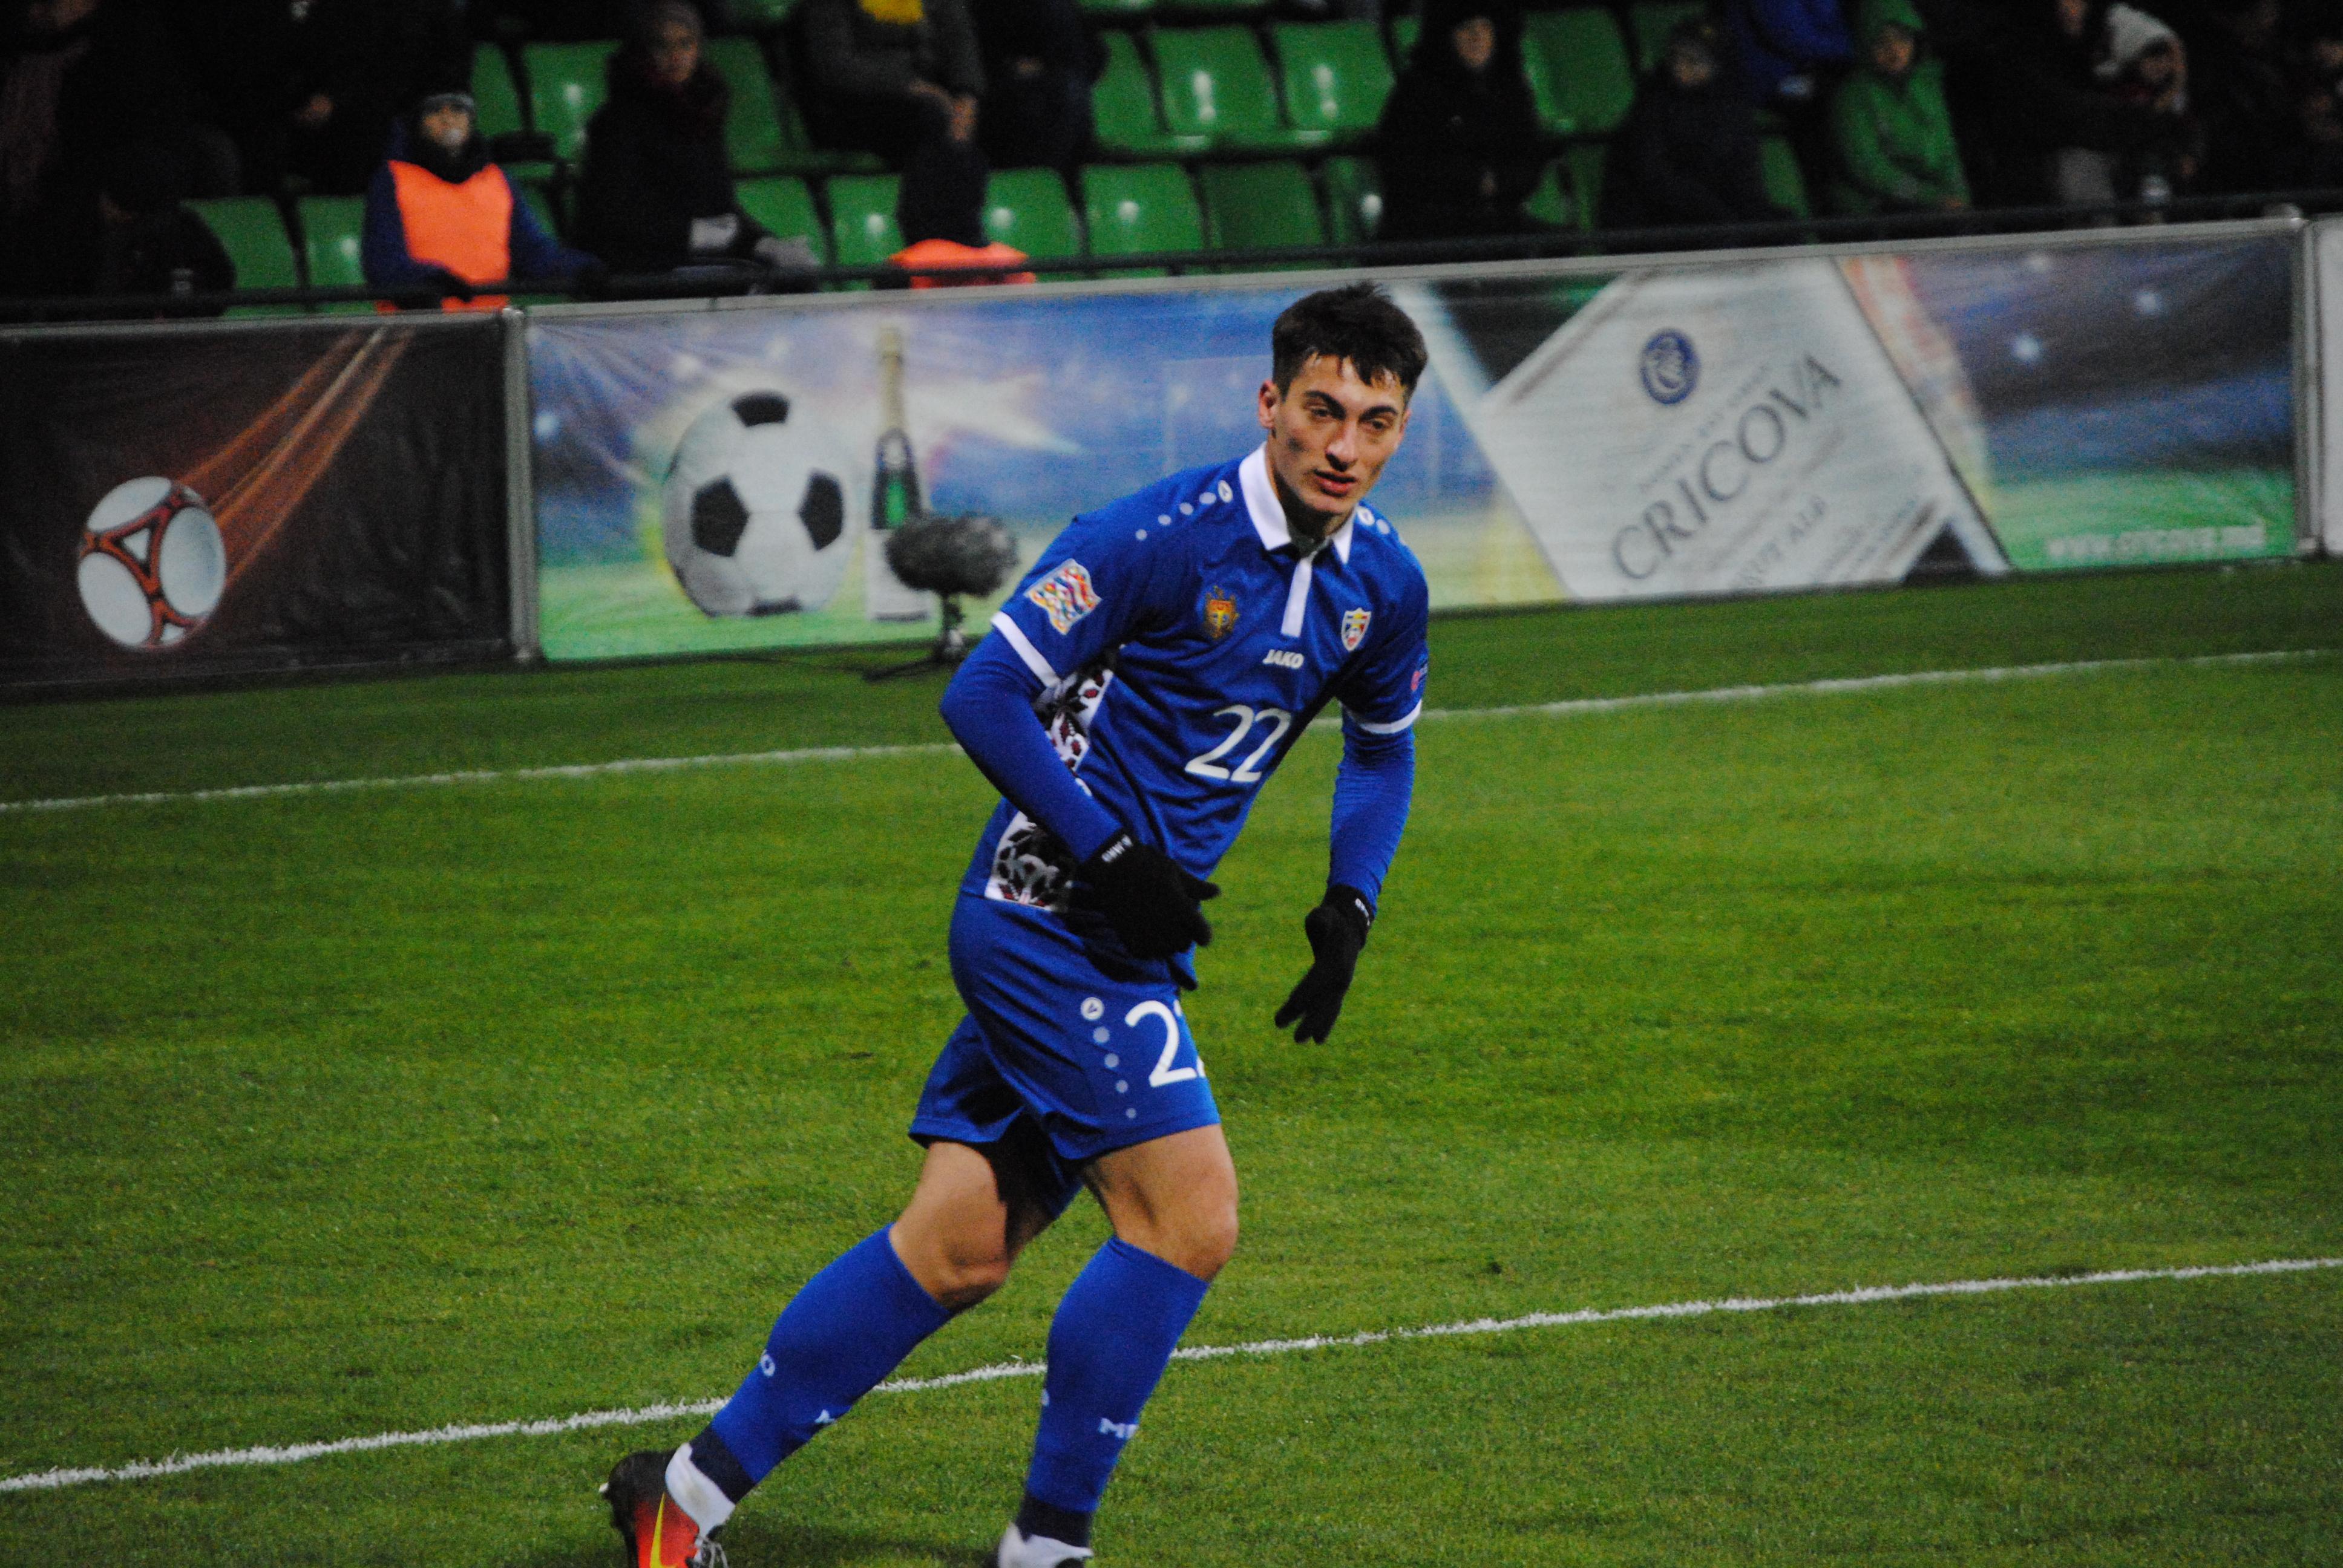 Jugador de la selección moldava de fútbol